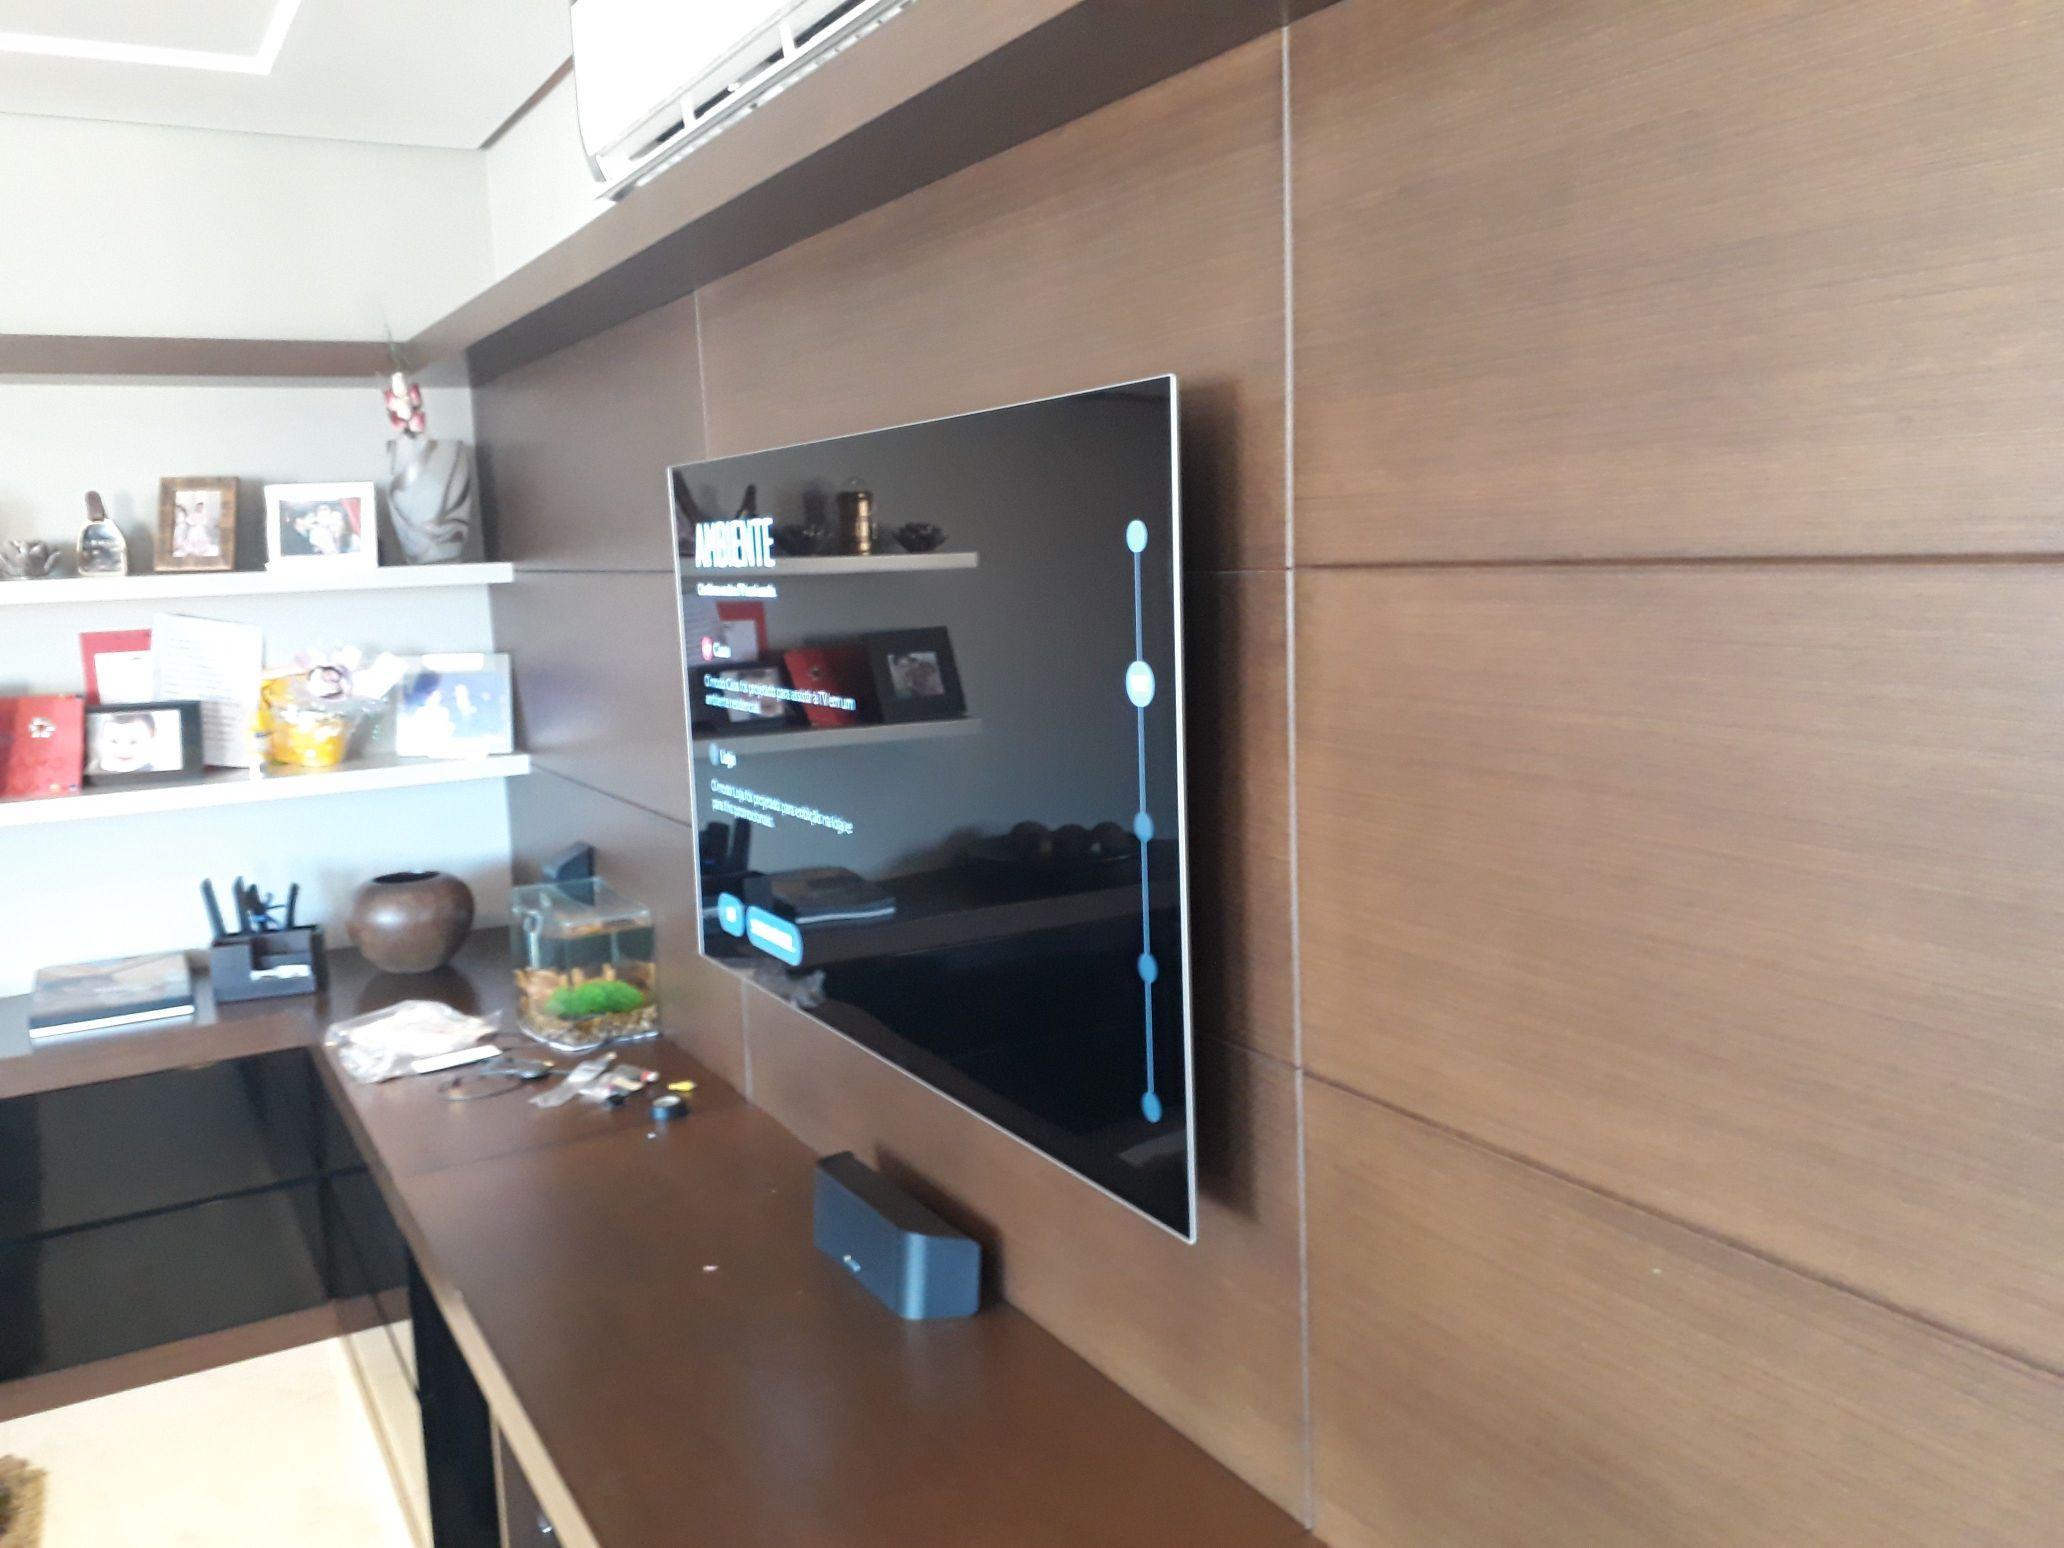 Instalação de TVs no painel ou na parede